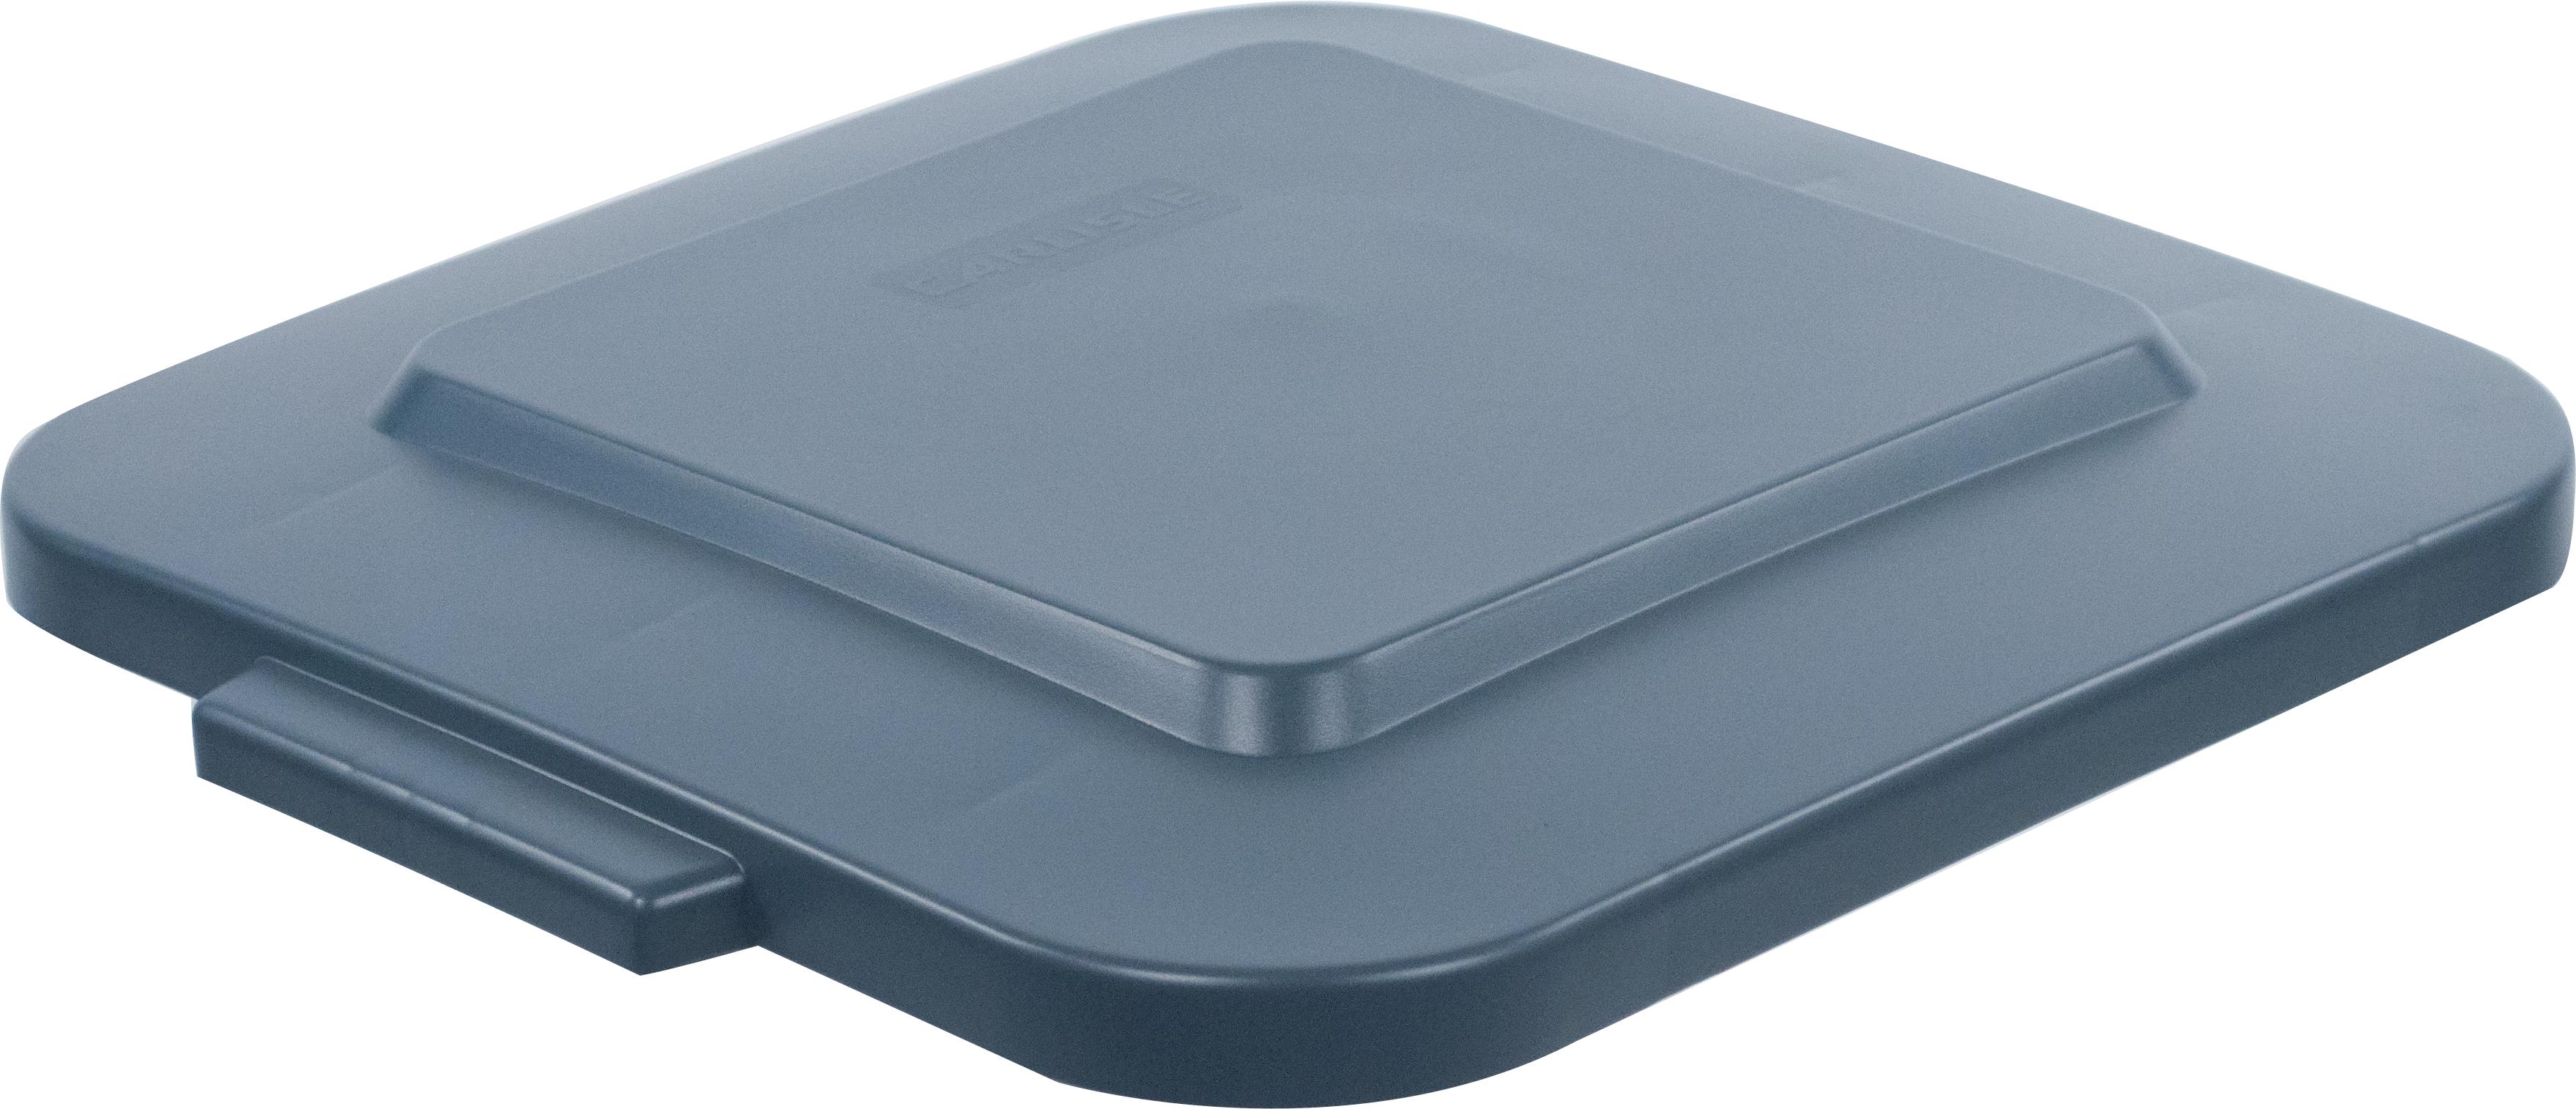 Bronco Square Waste Bin Trash Container Lid 28 Gallon - Gray